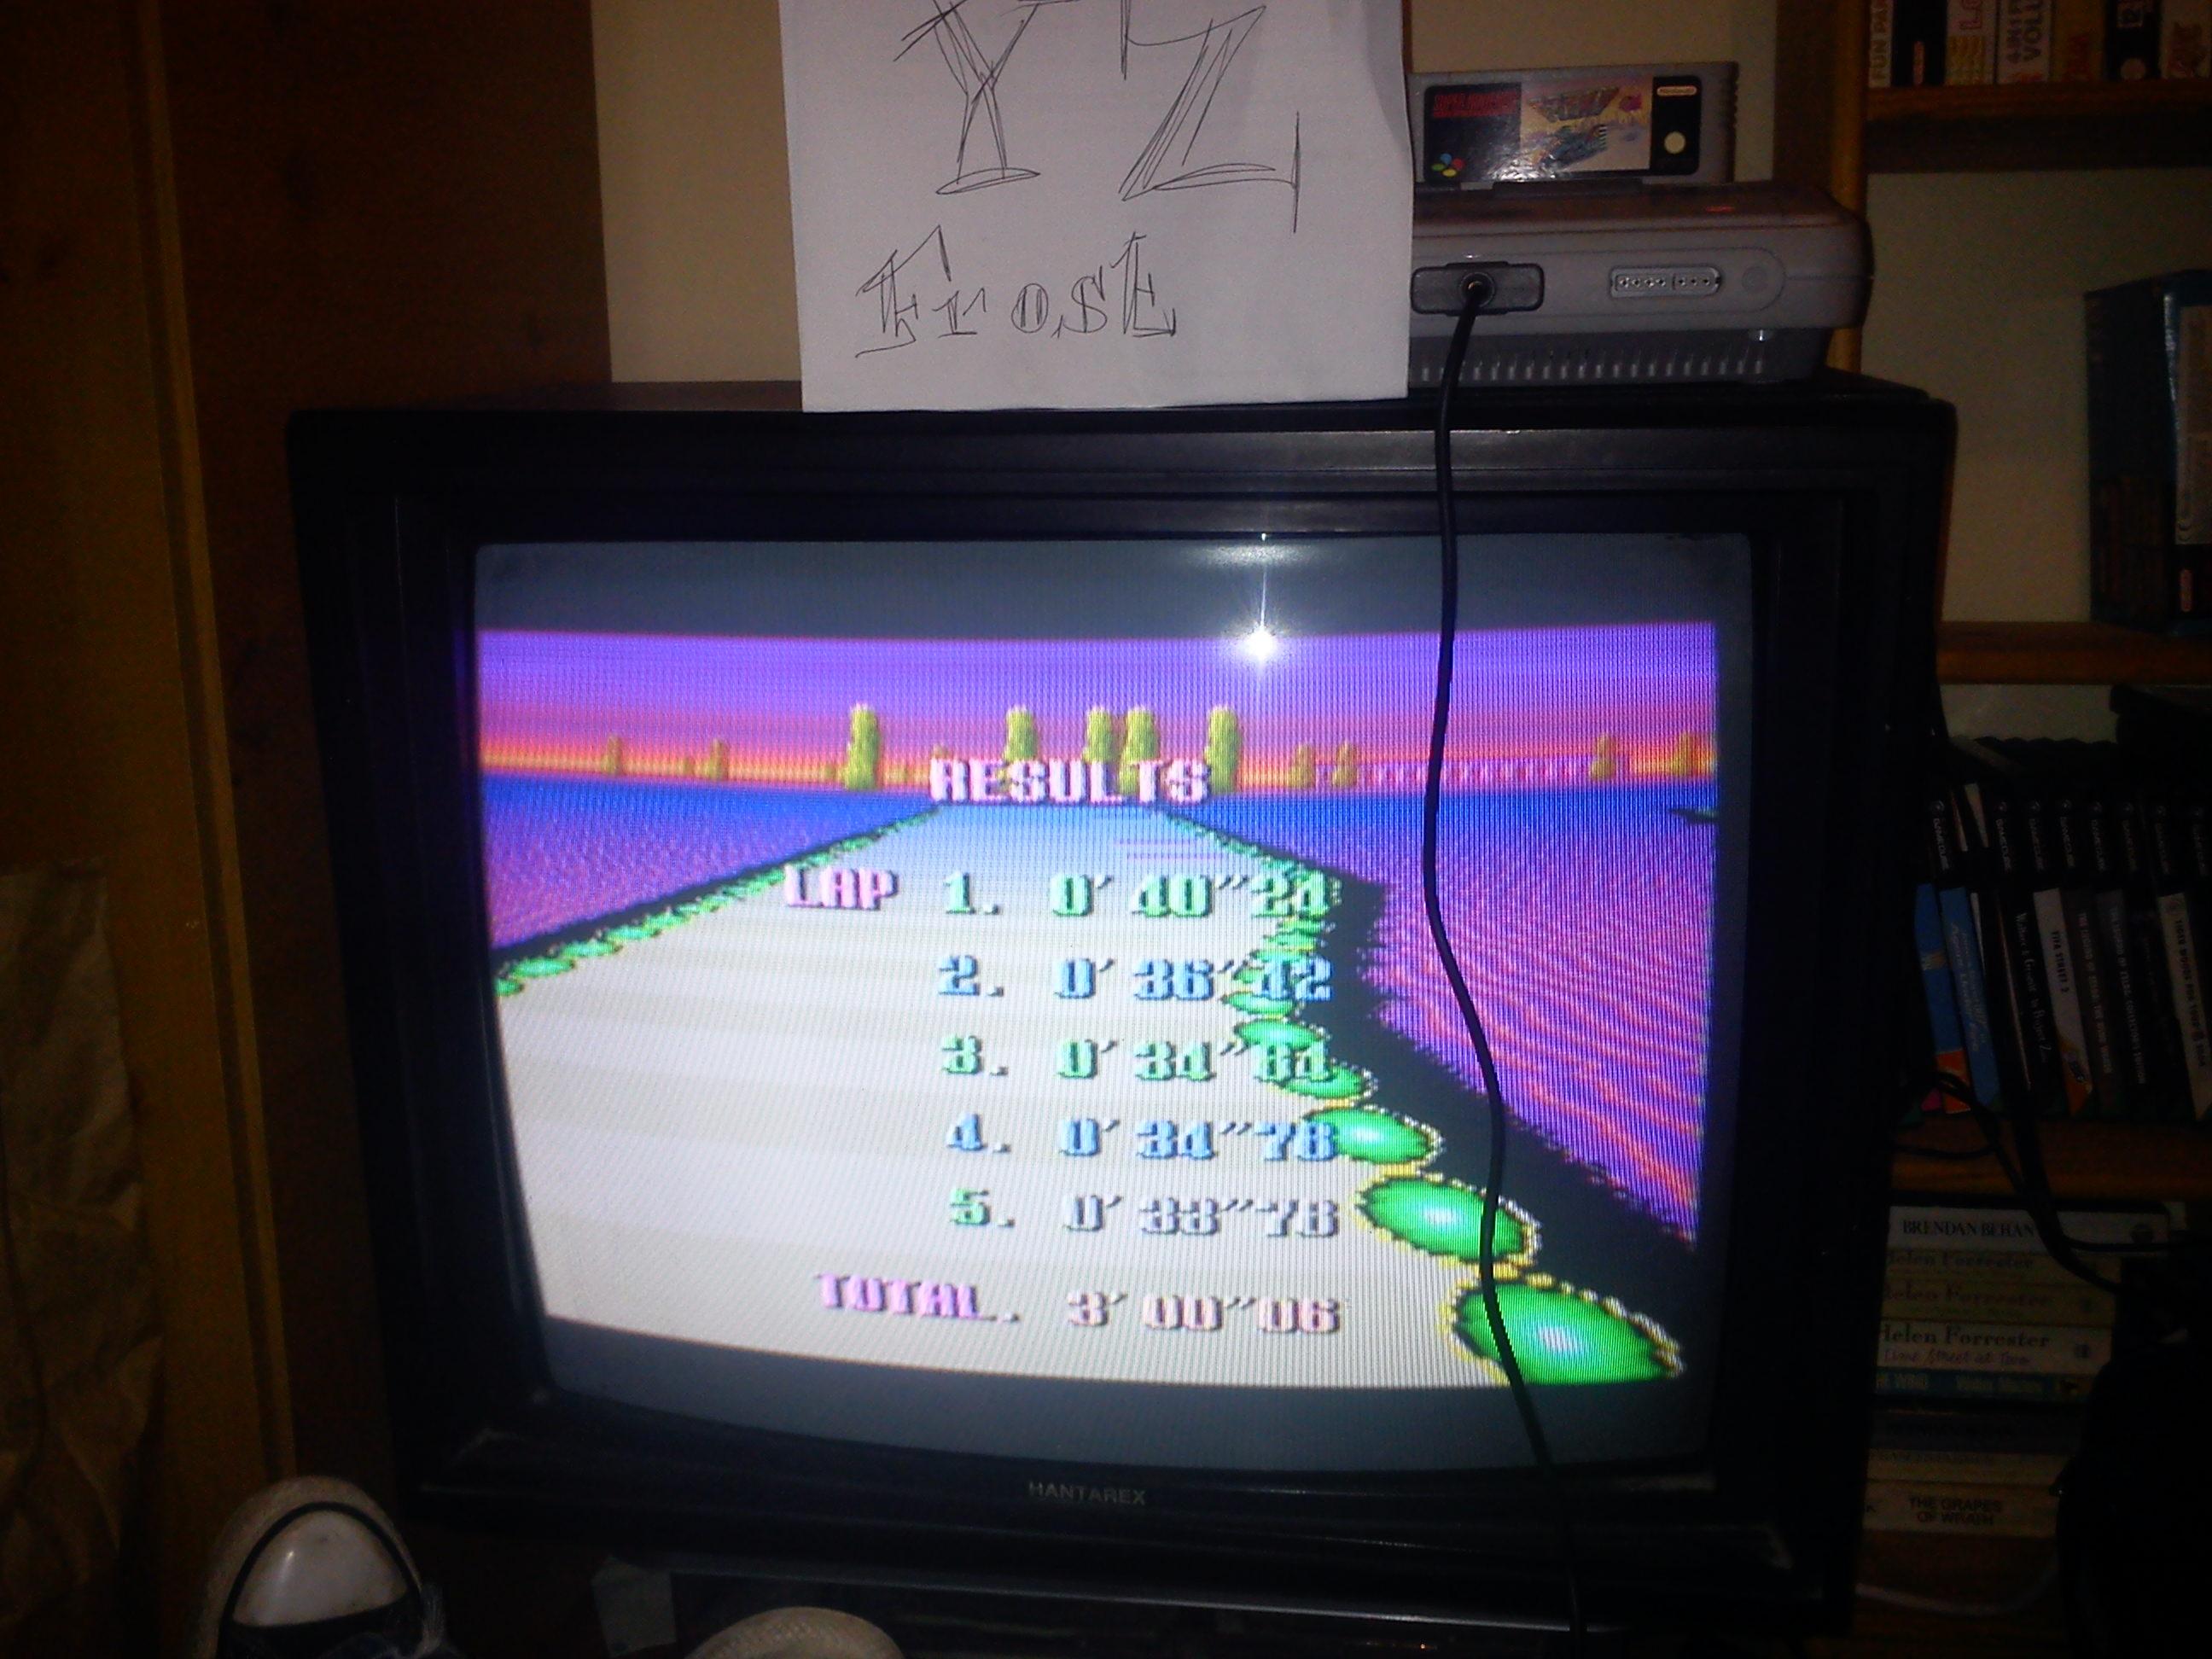 Fr0st: F-Zero: Silence [Beginner] (SNES/Super Famicom) 0:03:00.06 points on 2014-11-03 17:35:06